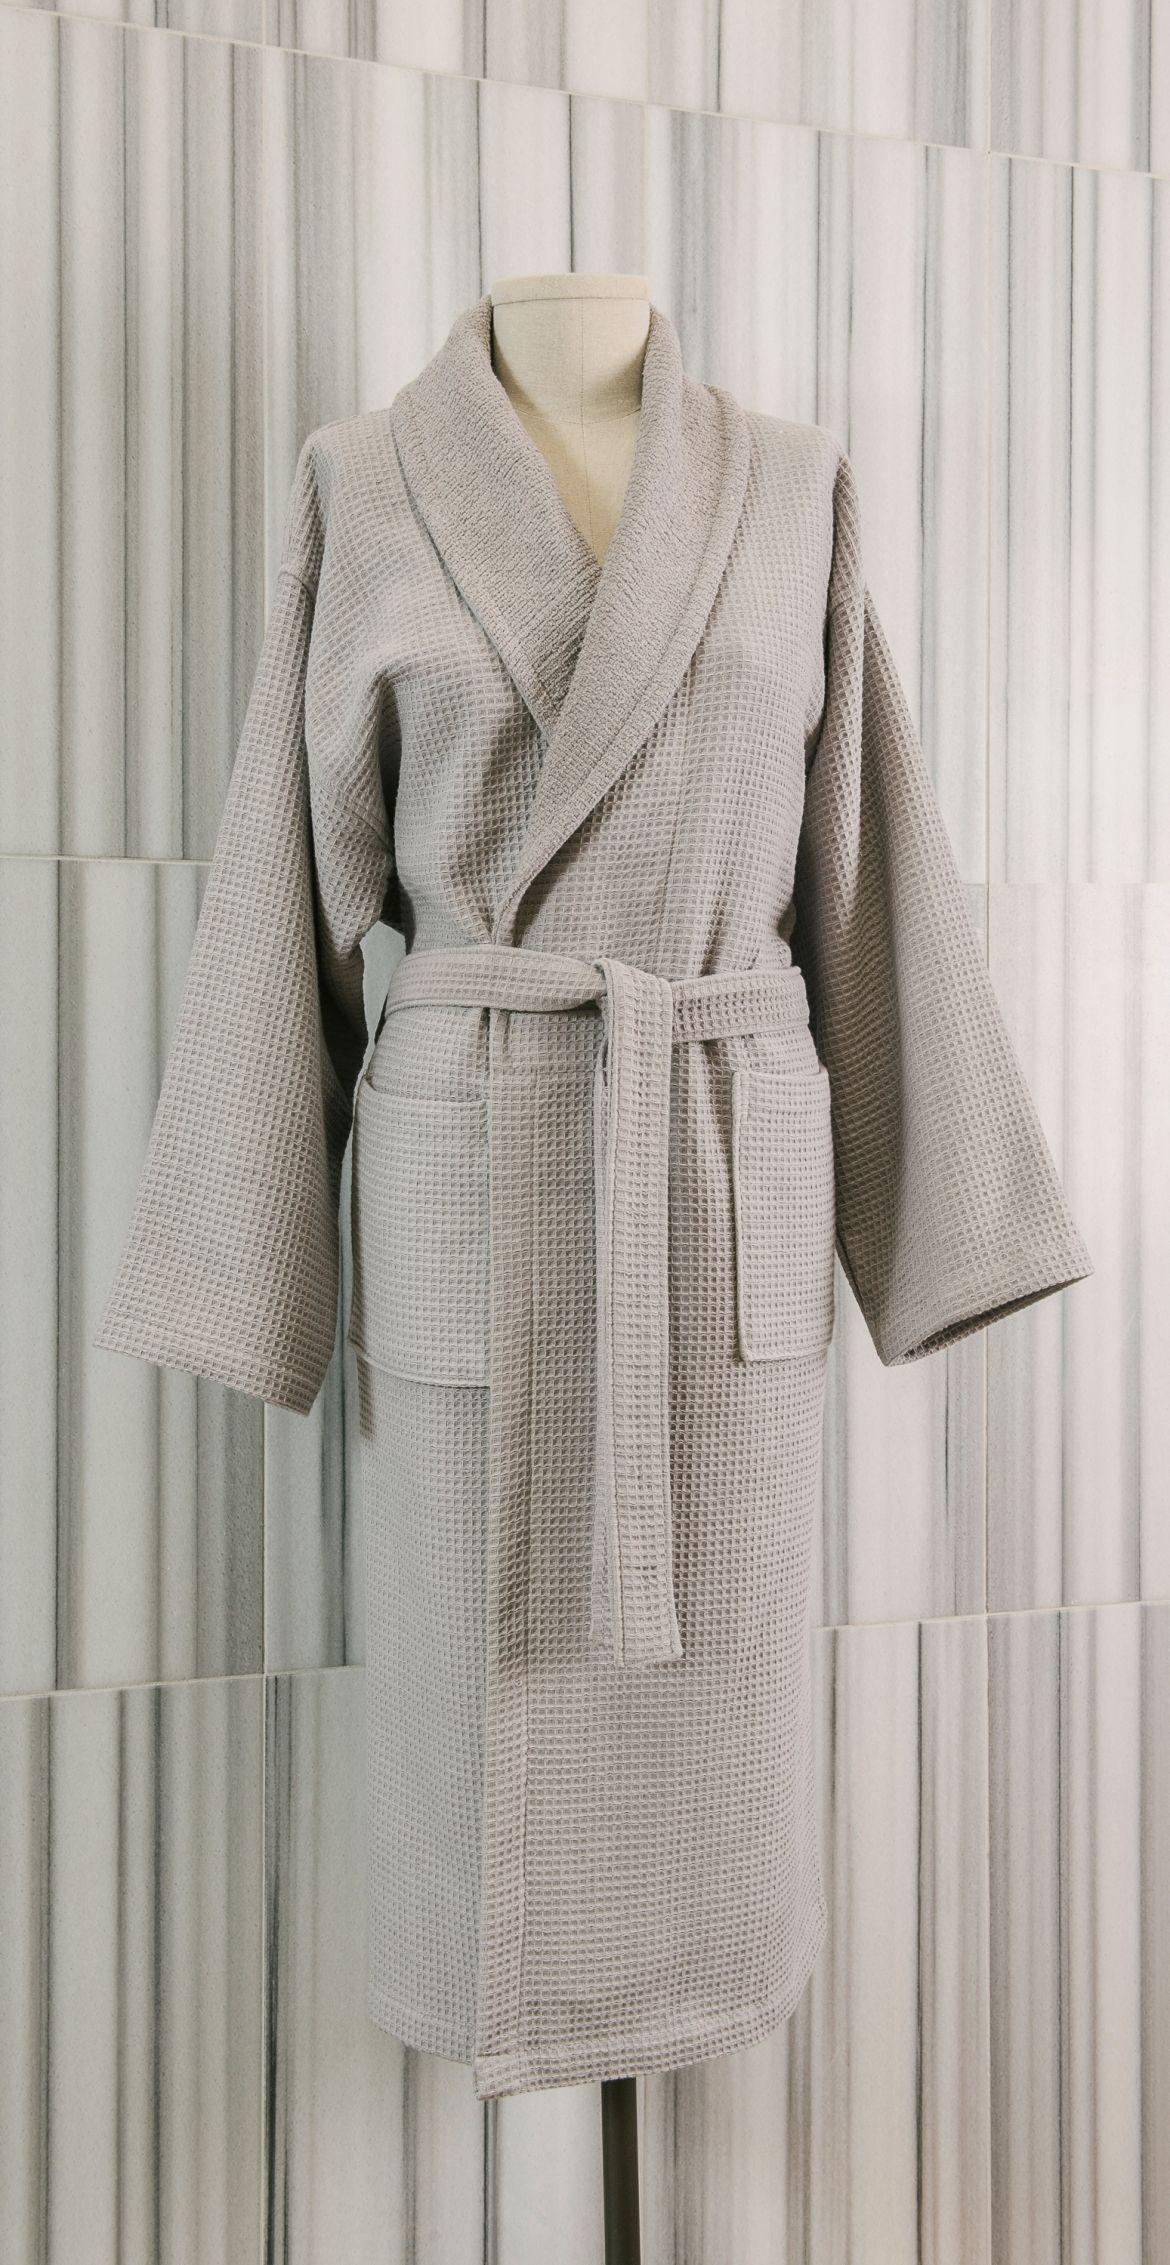 b7dd4b3d6b White Ettitude bamboo bathrobe